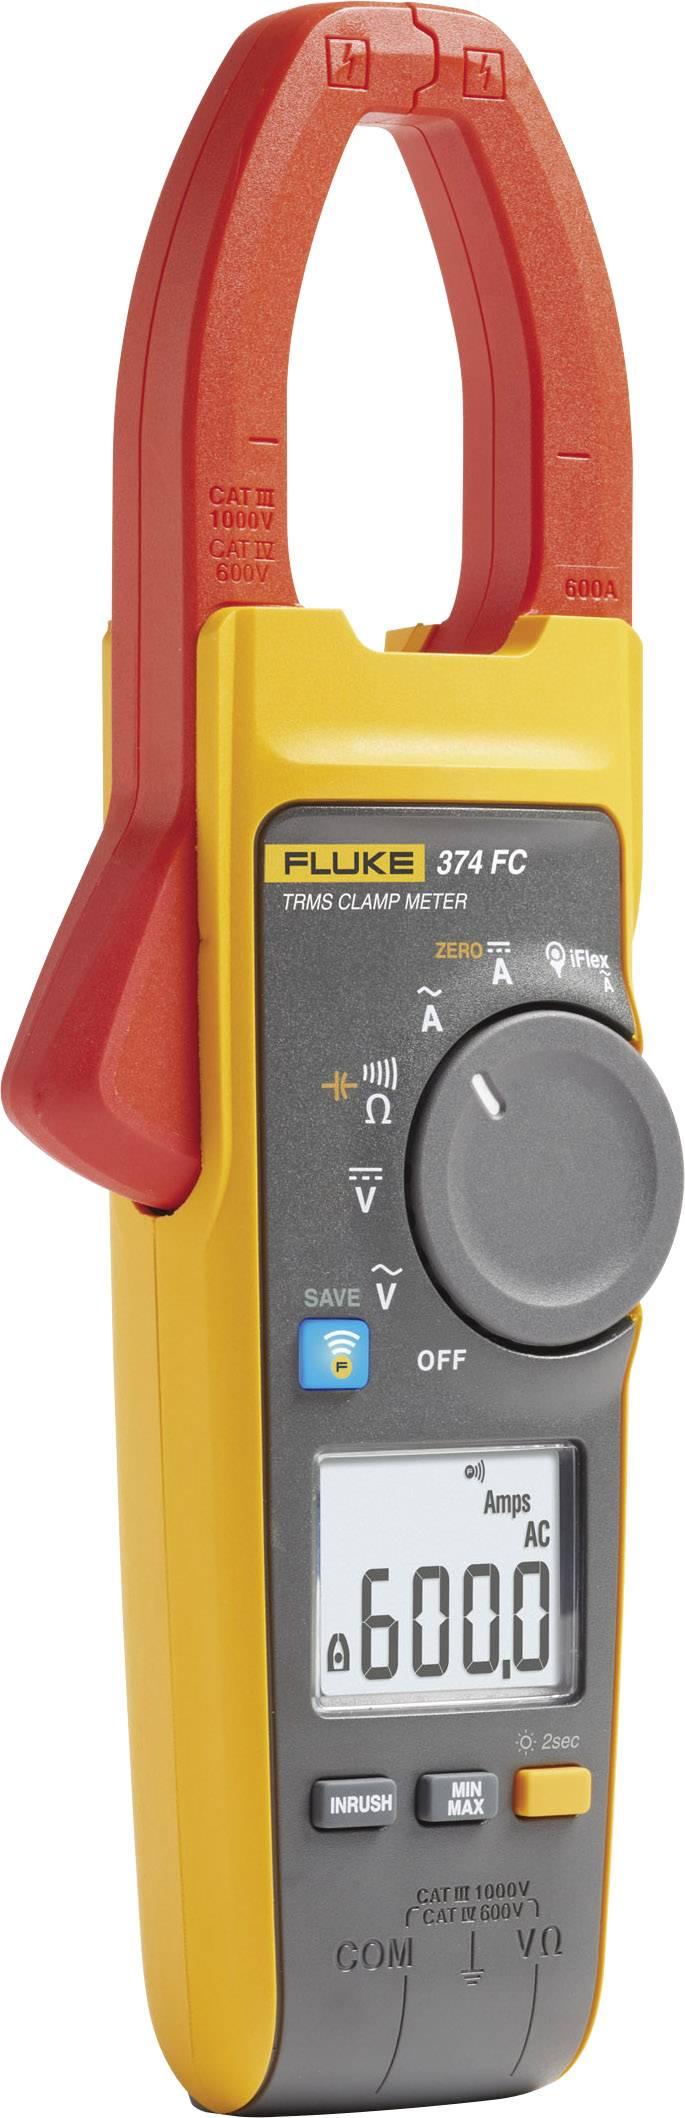 Fluke 374 FC Handmultimeter 0126e1eccfcb5